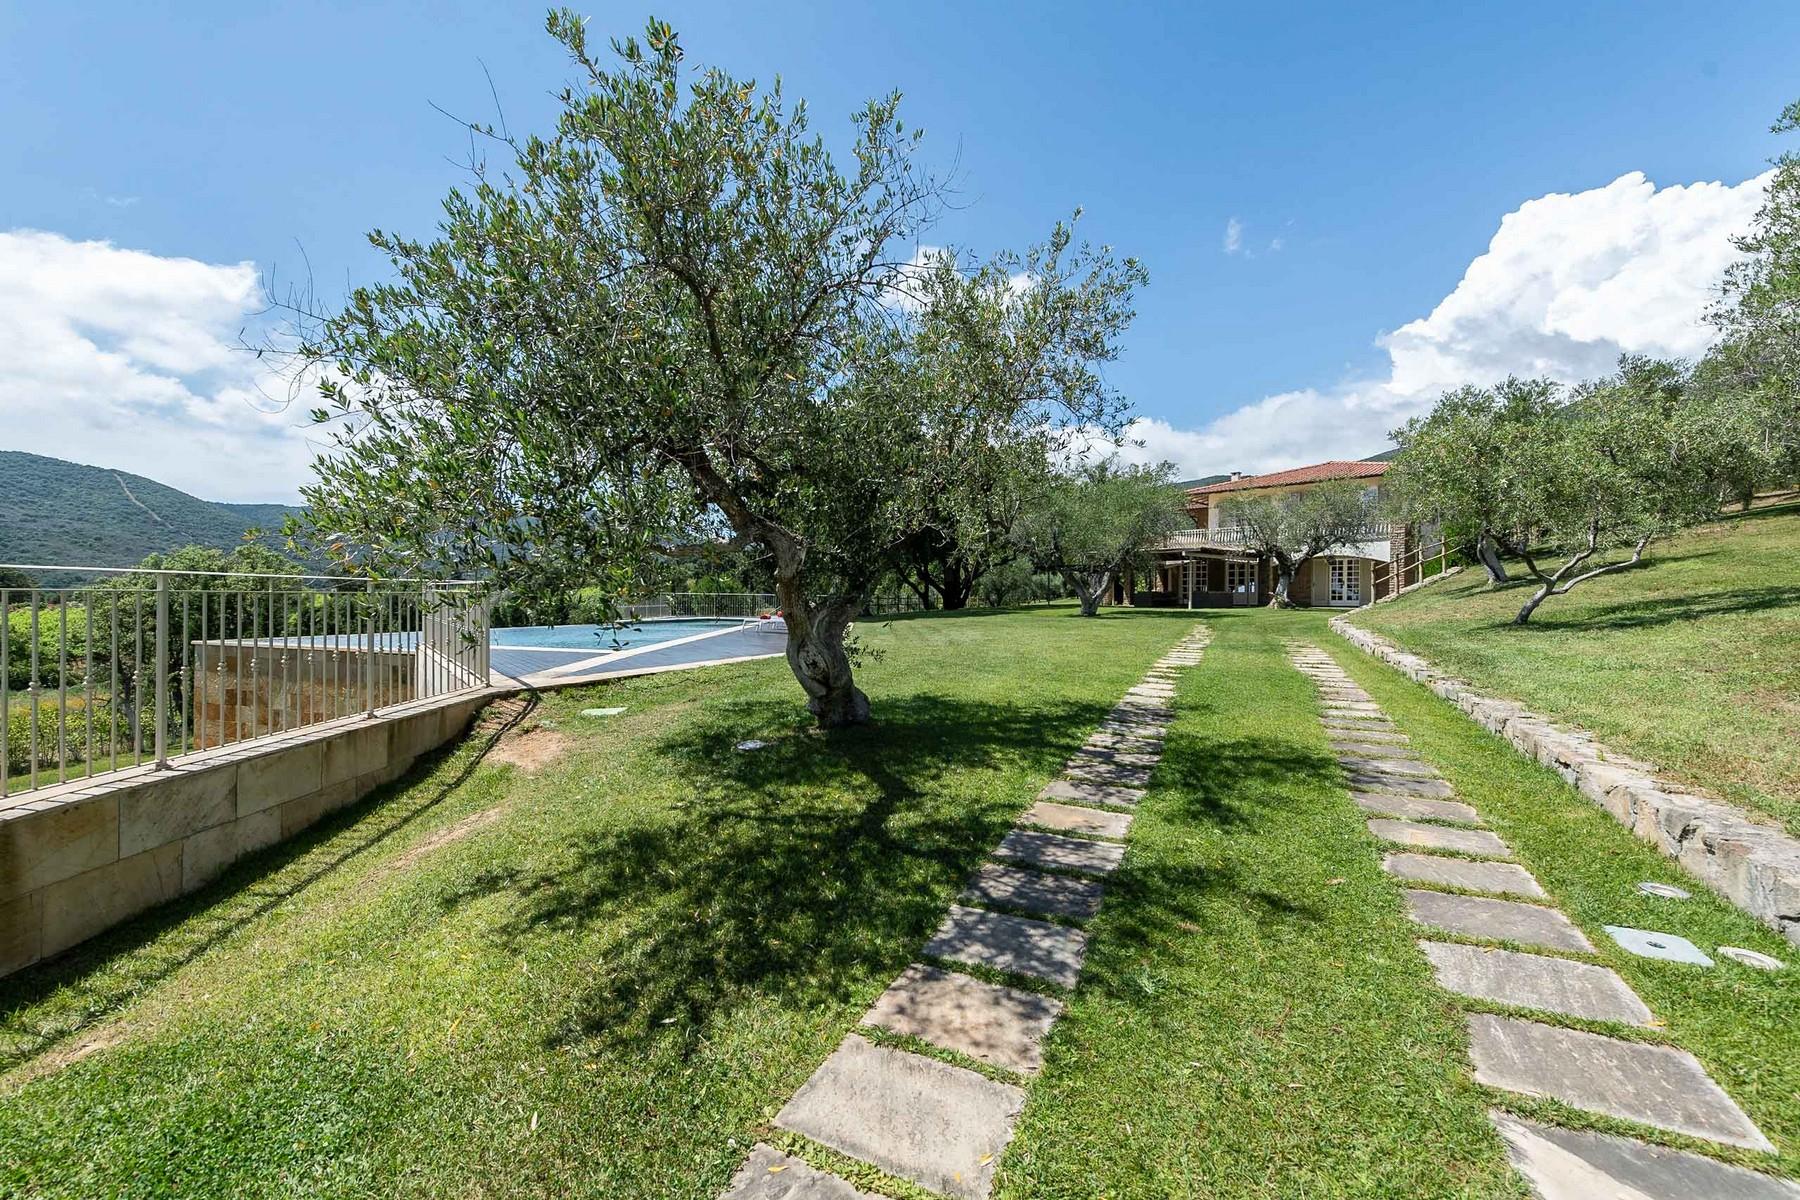 Villa in Vendita a Castiglione Della Pescaia: 5 locali, 310 mq - Foto 2